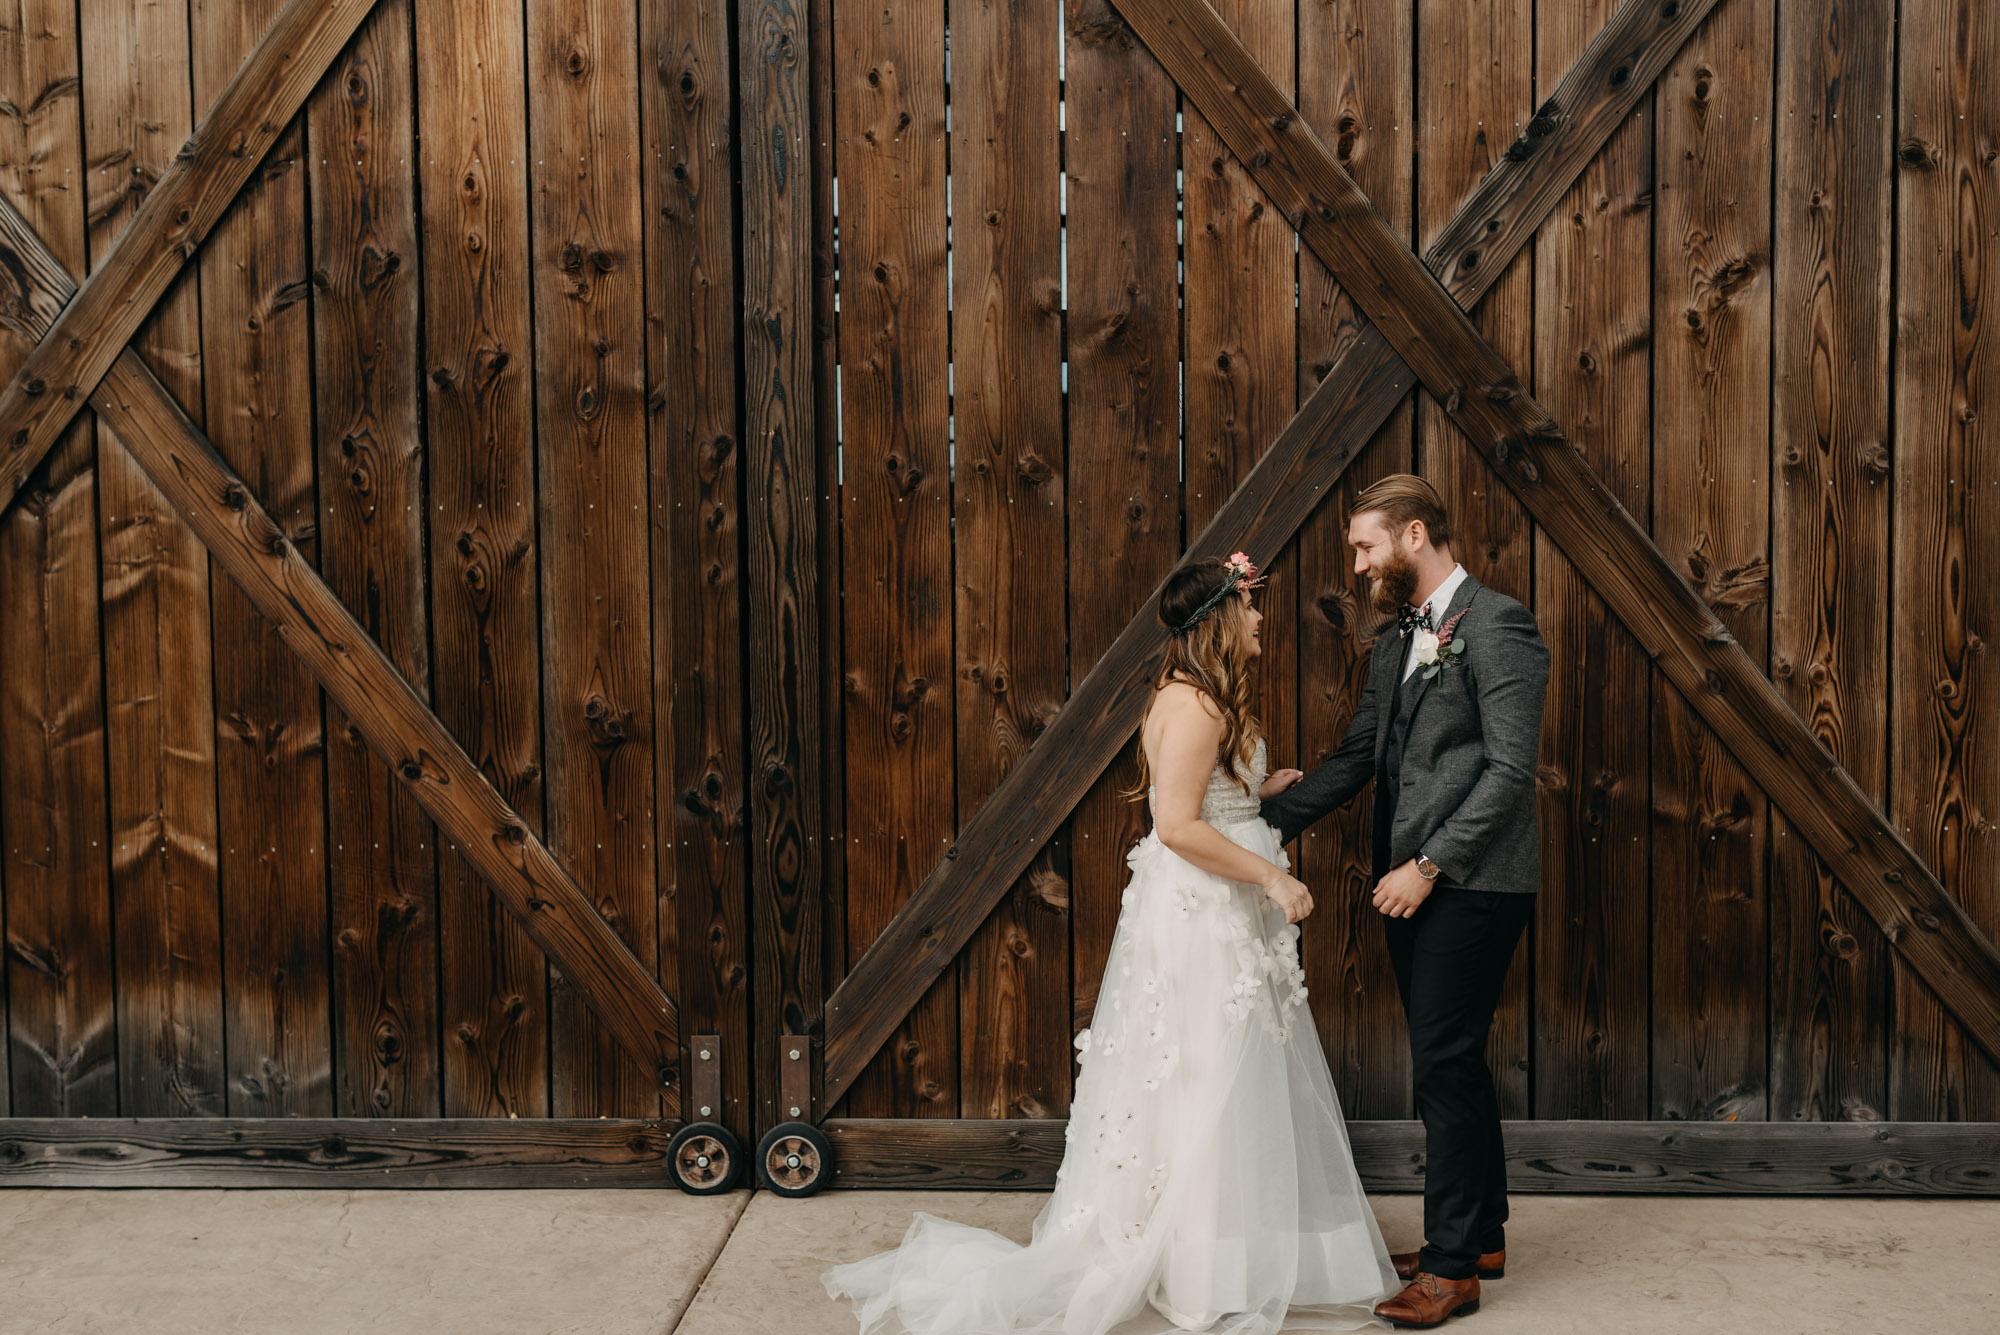 Outdoor-First-Look-Washington-Wedding-Barn-Door-8073.jpg